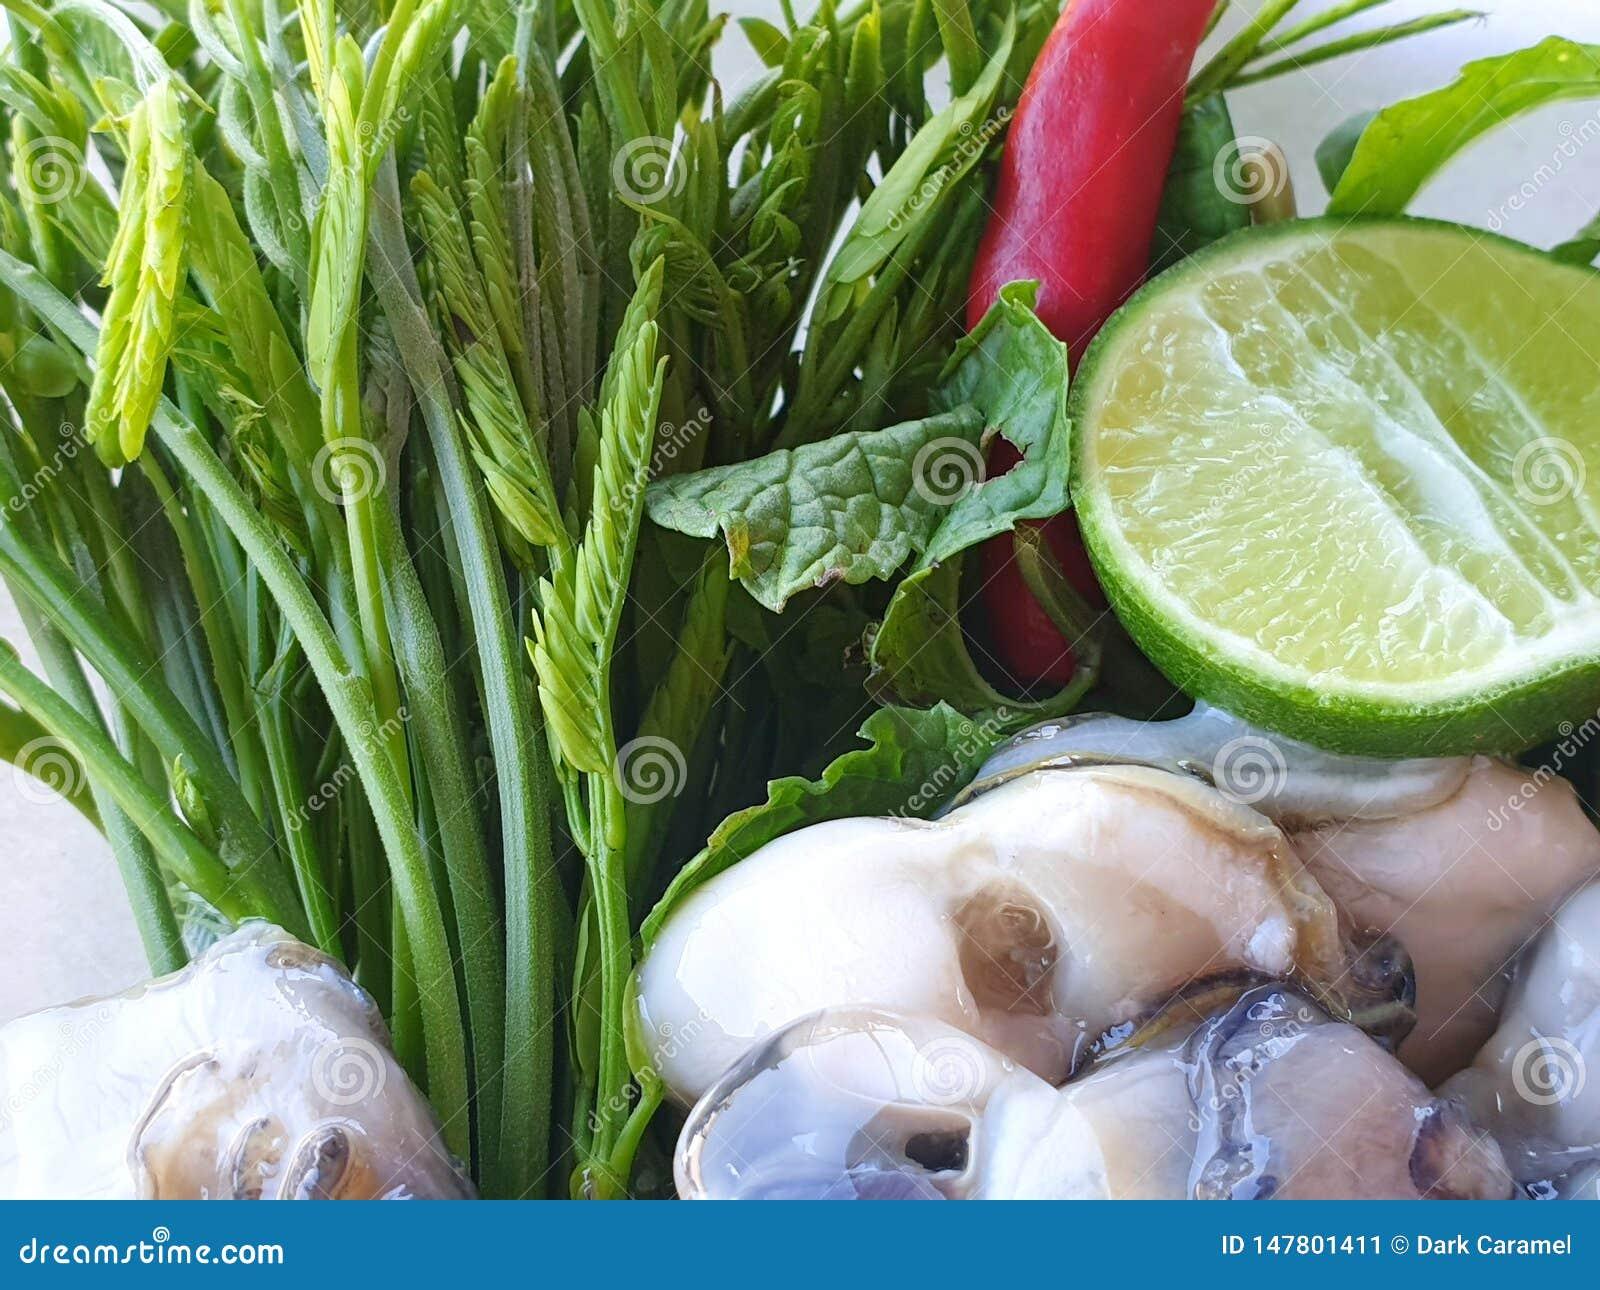 Estilo tailandês do alimento, ostras frescas com vegetais acácia, limão cortado e pimentão, como um fundo